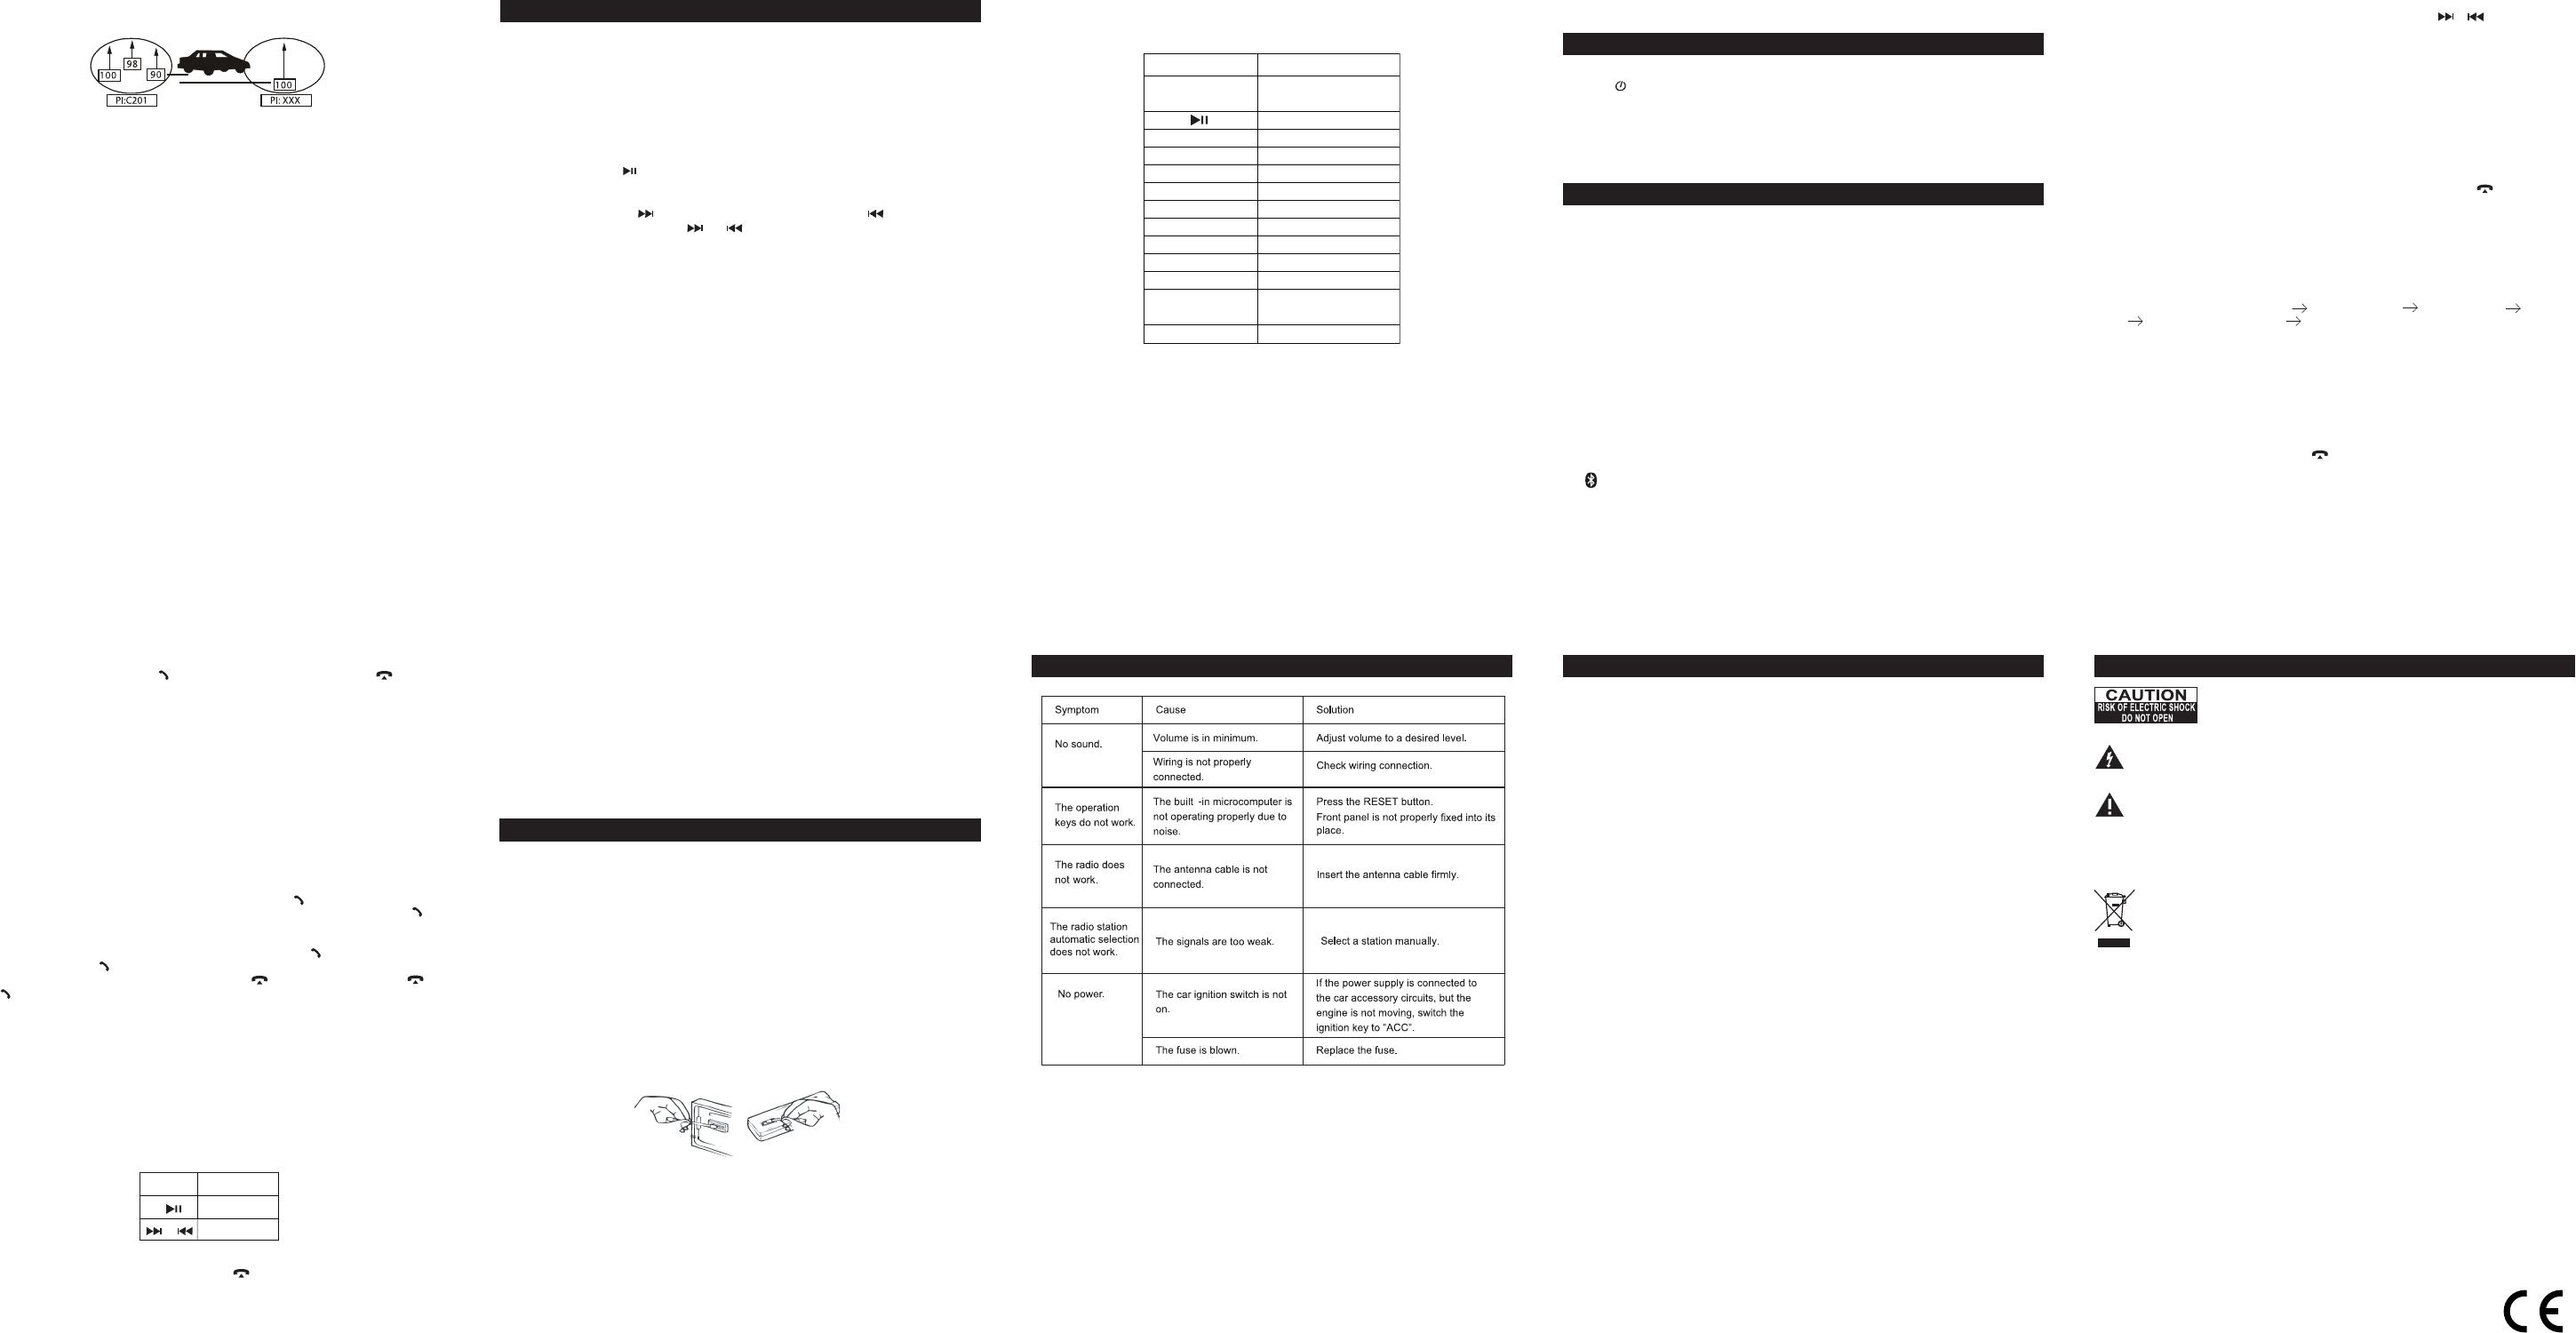 Swell Bedienungsanleitung Muse M 168 Seite 1 Von 2 Englisch Wiring Cloud Hisonuggs Outletorg